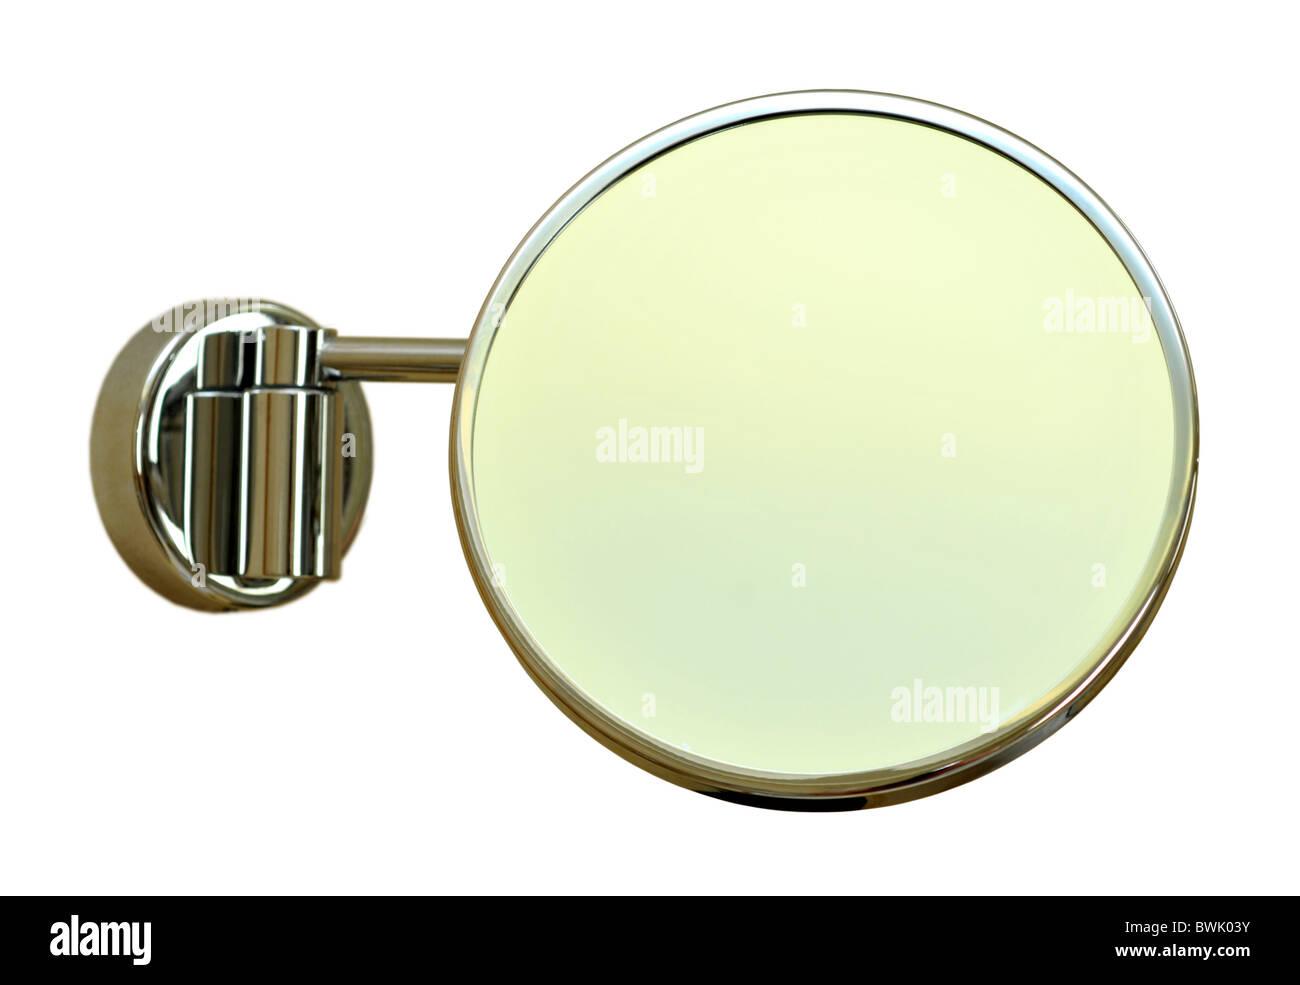 Mirror 'shaving mirror' 'bathroom mirror' - Stock Image